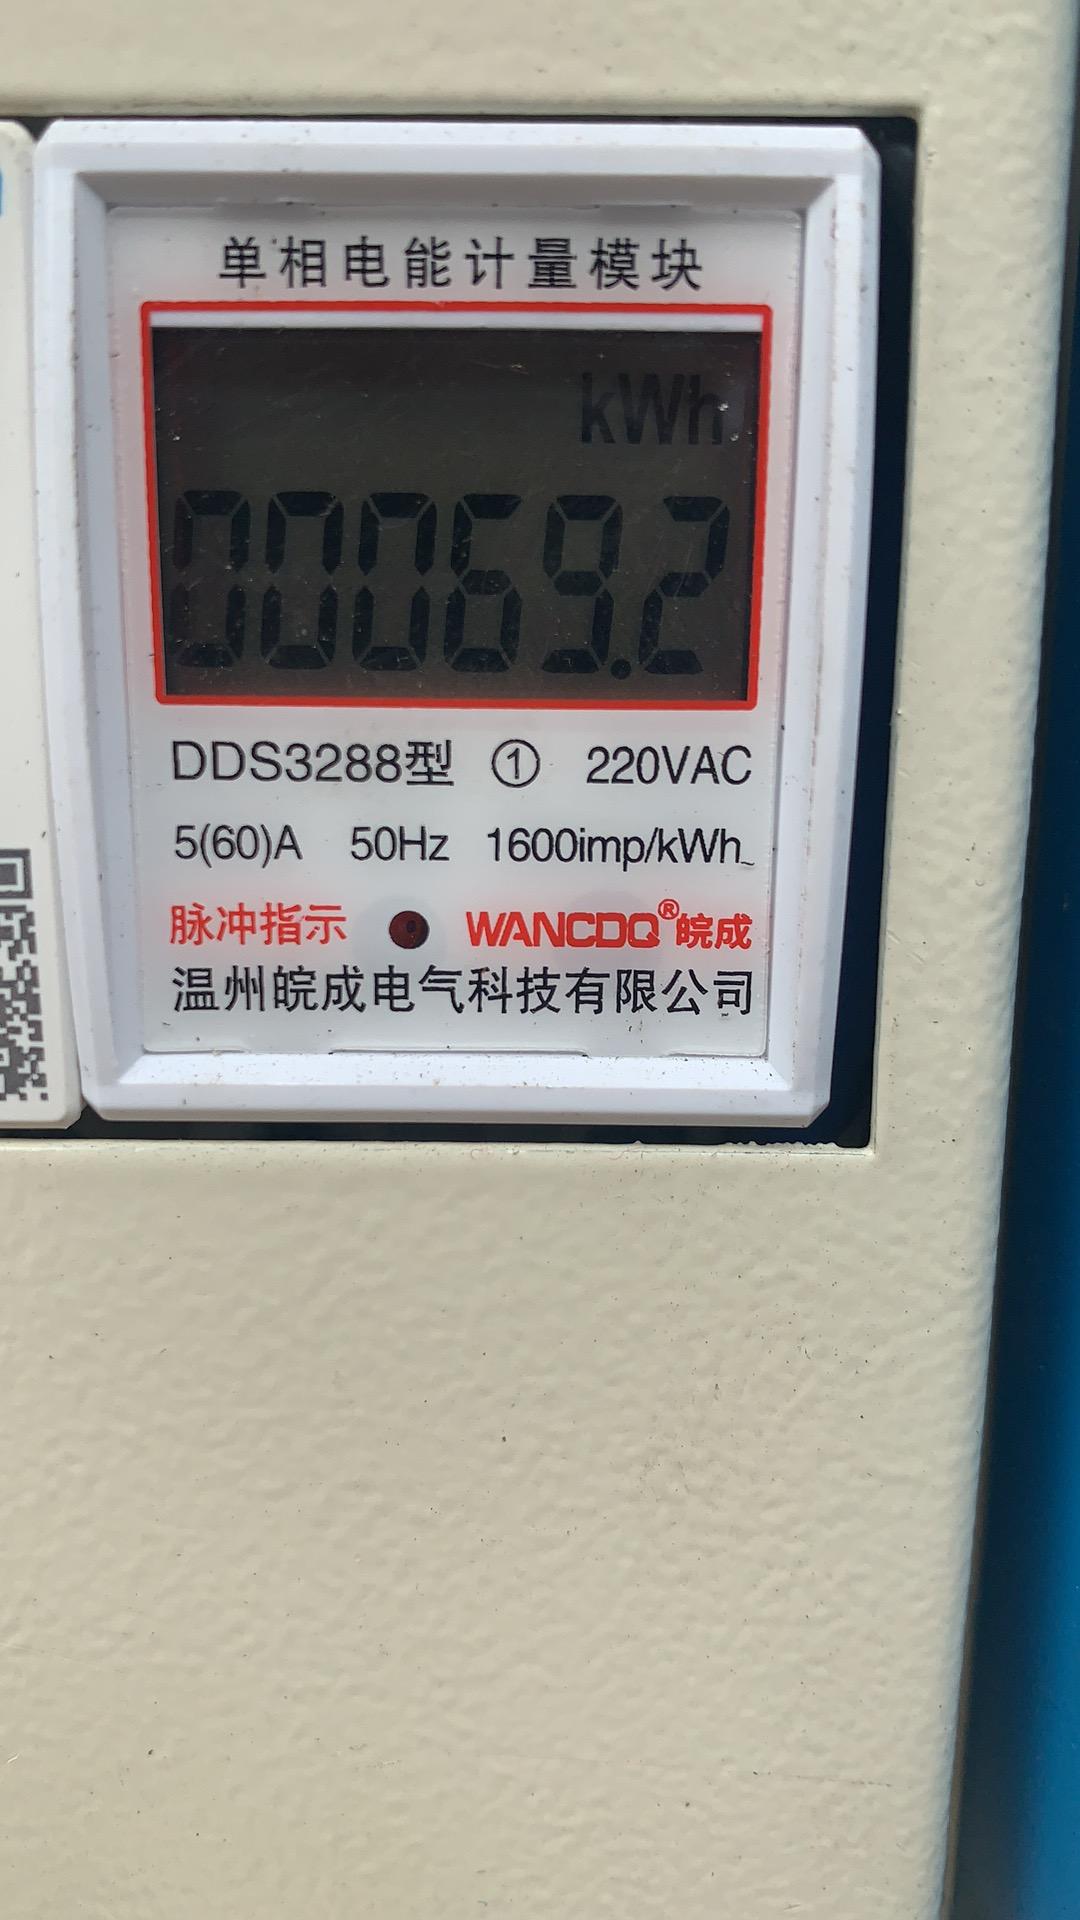 北汽新能源-EV电池还有百分之三十直接掉到百分之七,电池容量衰减不足百分之八十